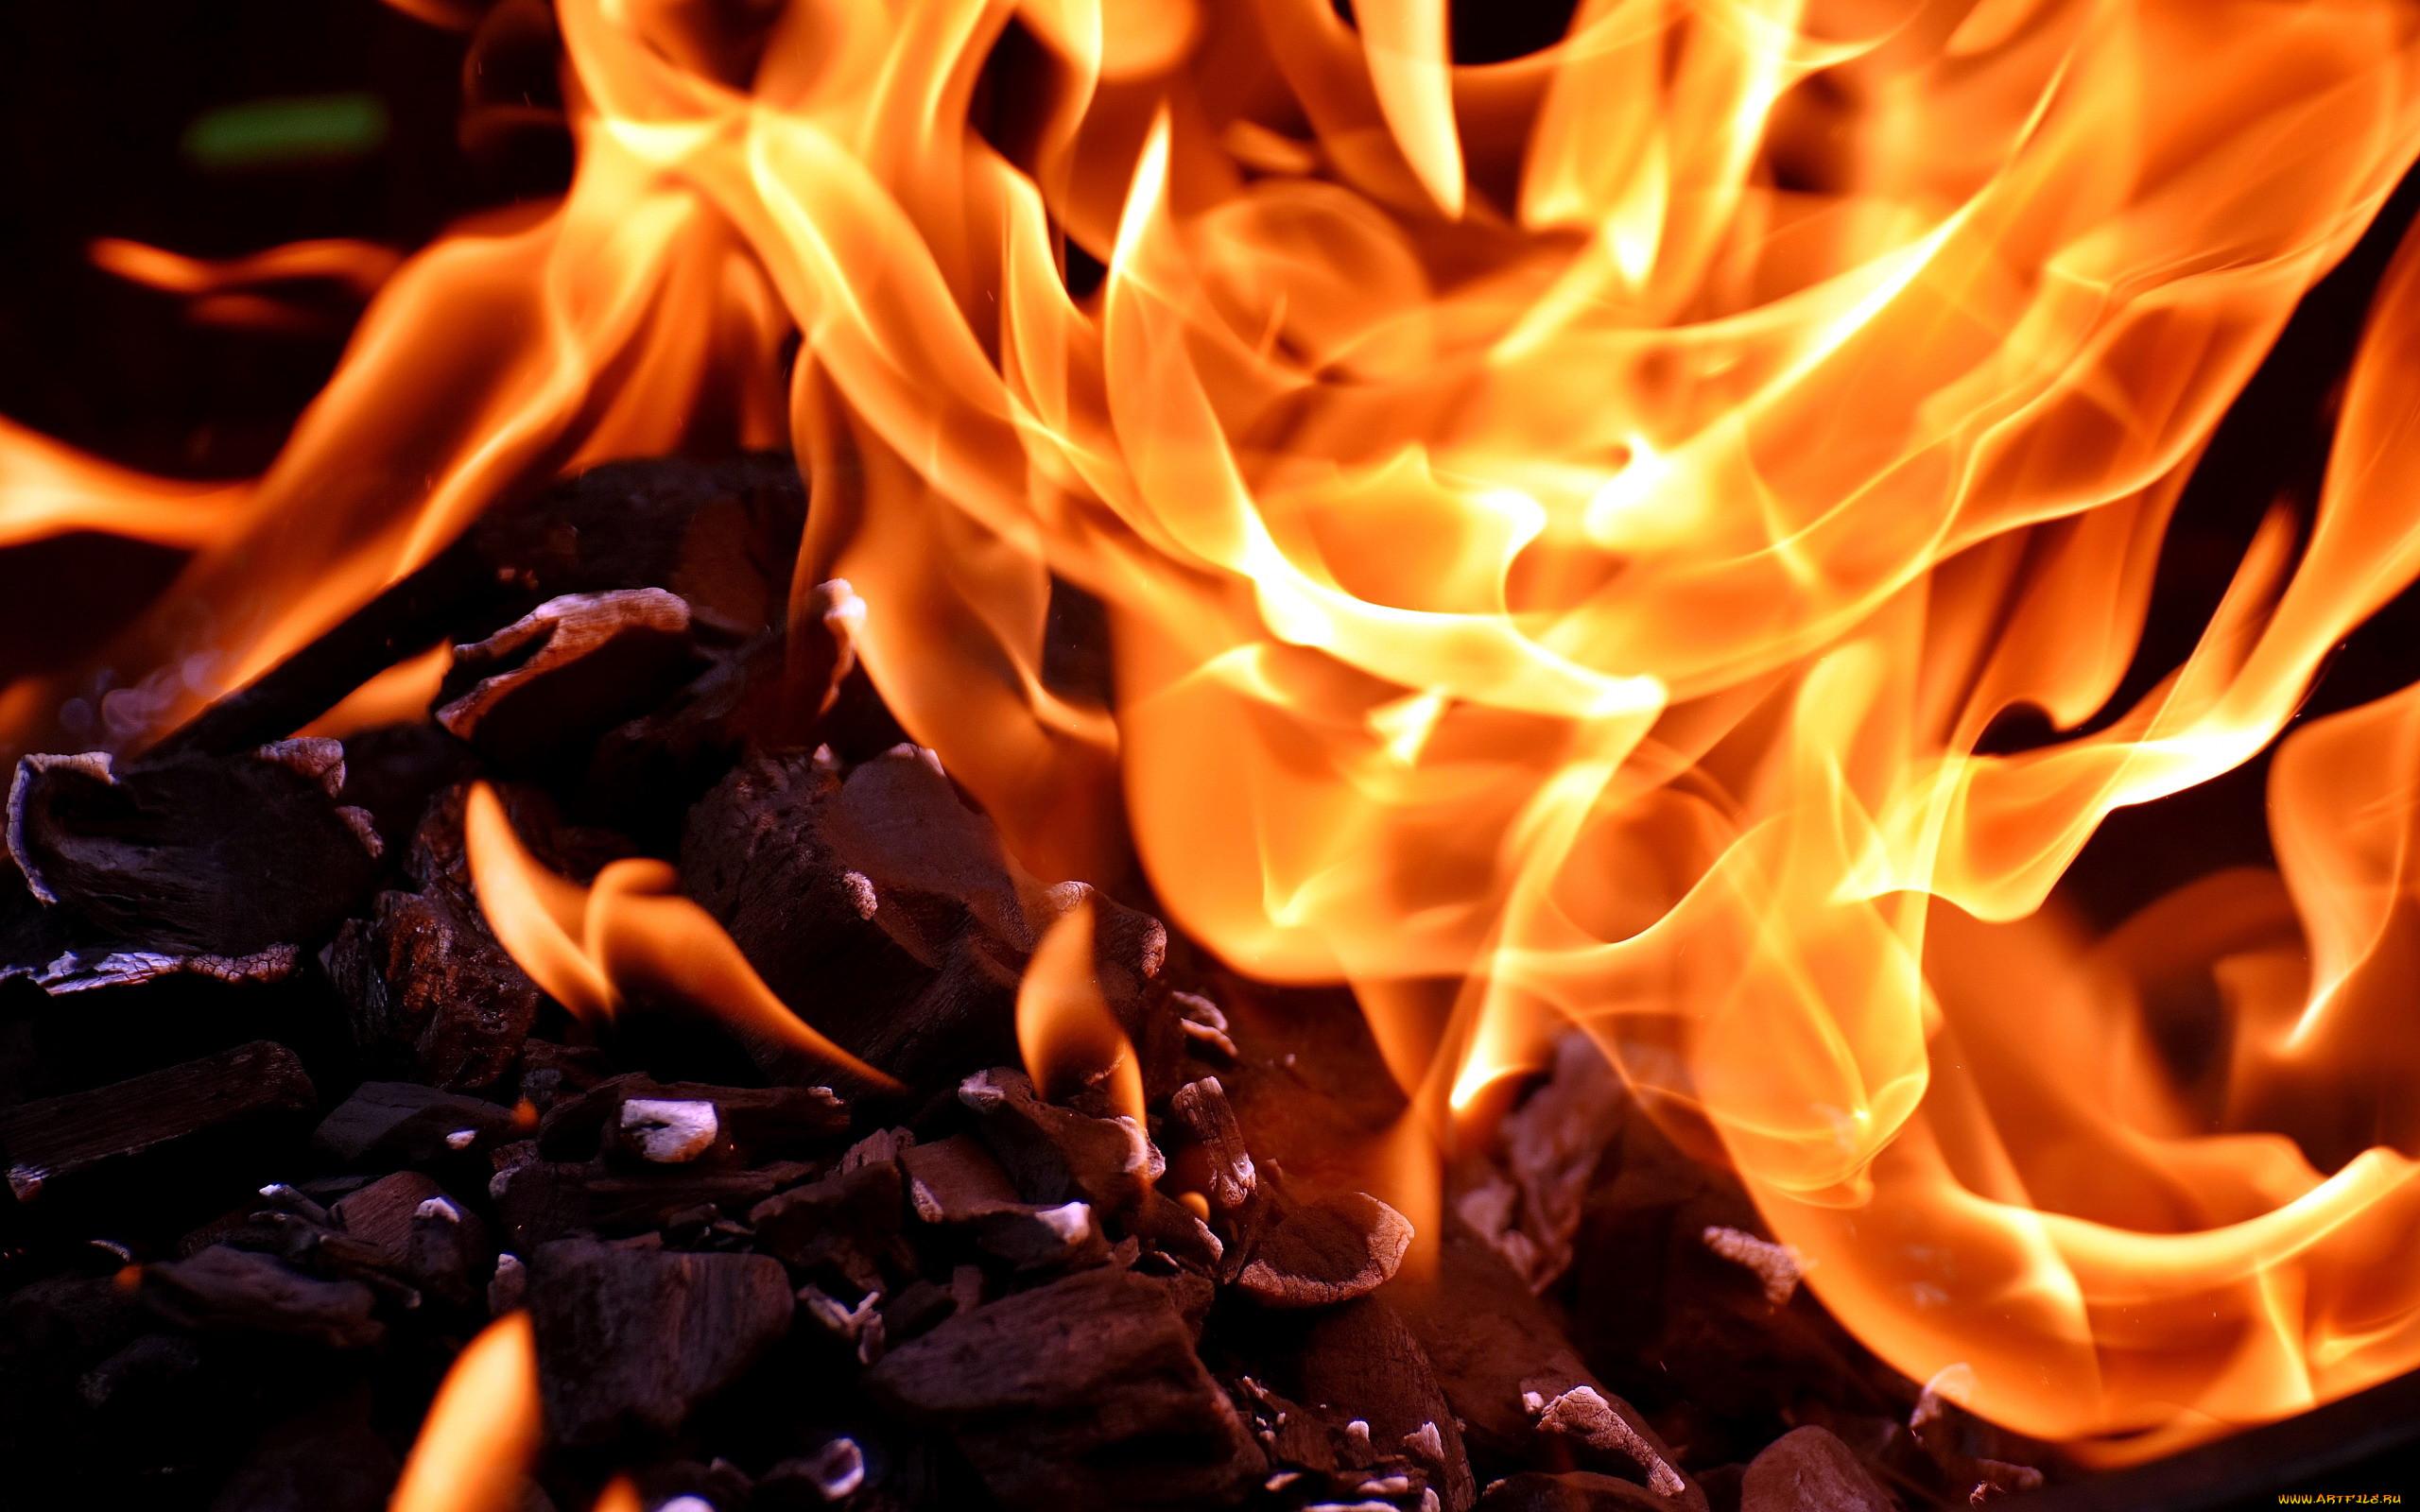 существа картинки обои огонь плитку кухне коридоре